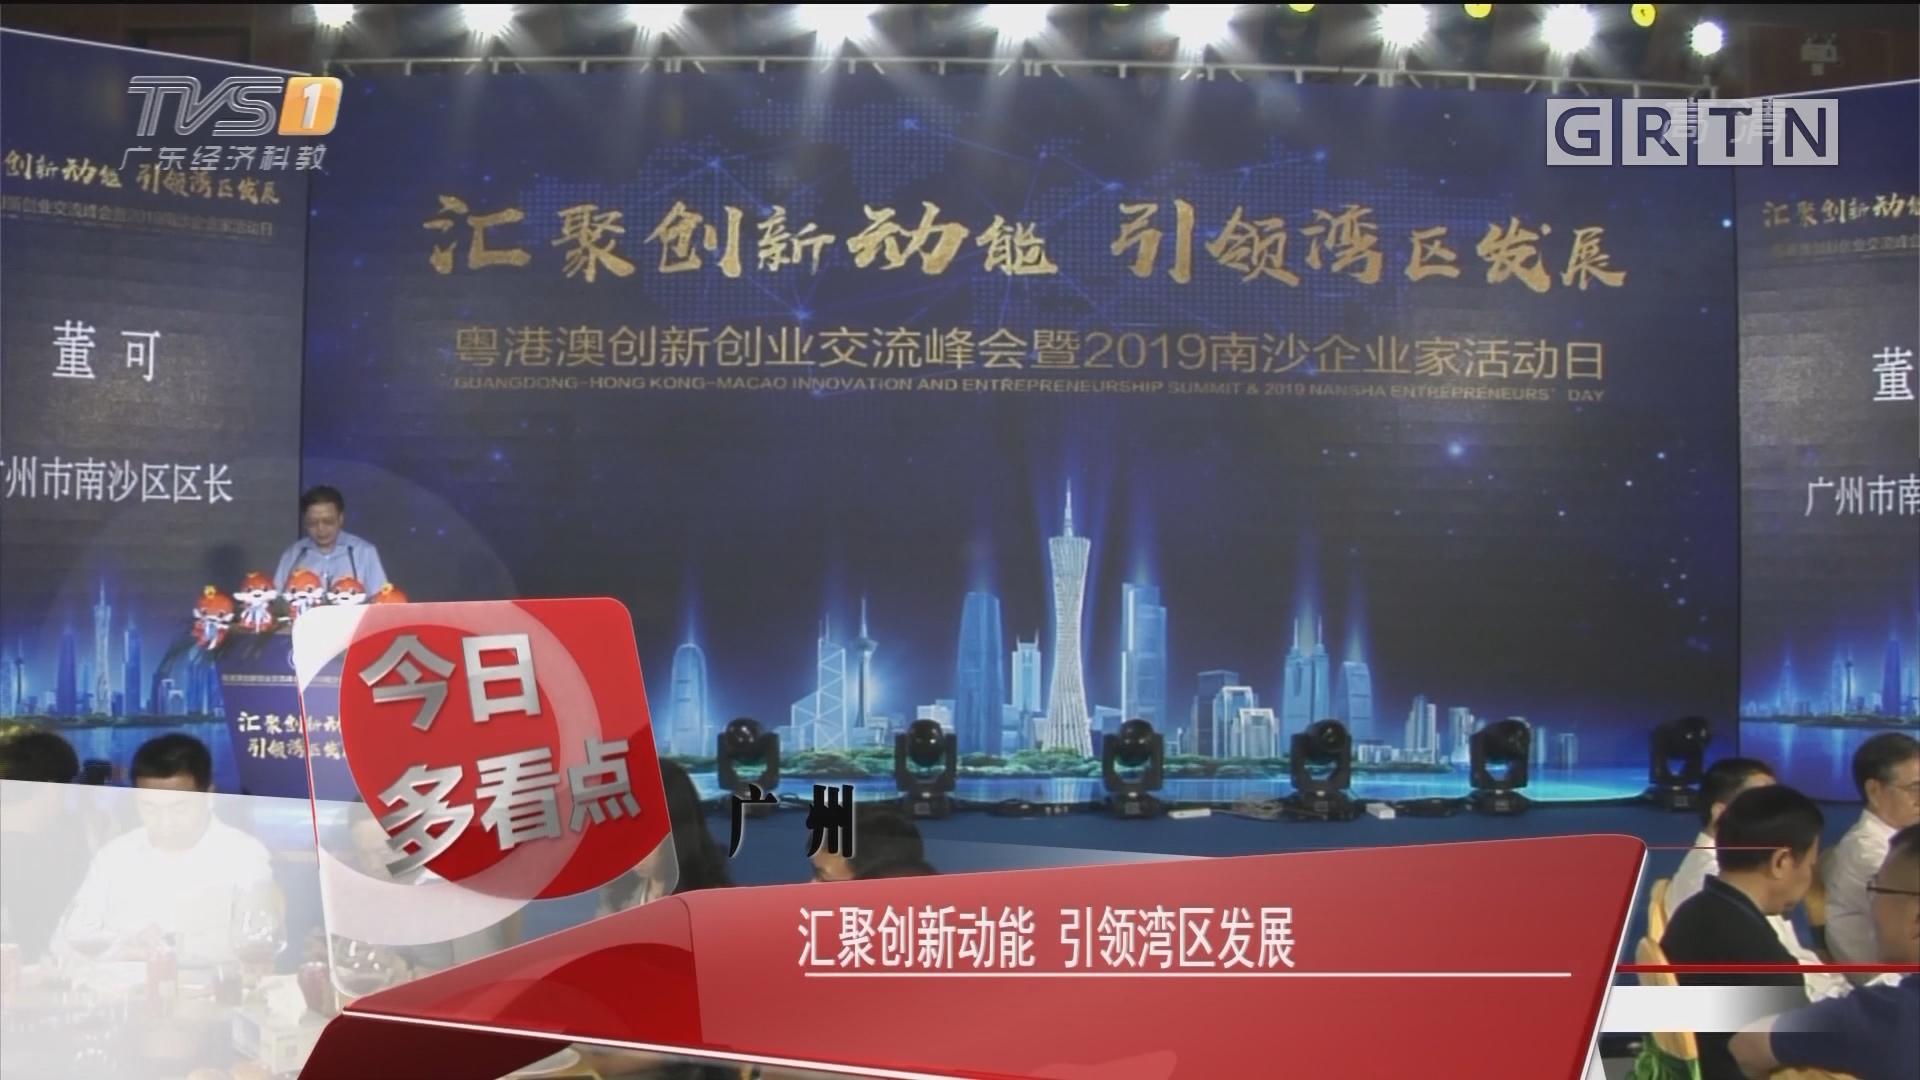 广州:汇聚创新动能 引领湾区发展